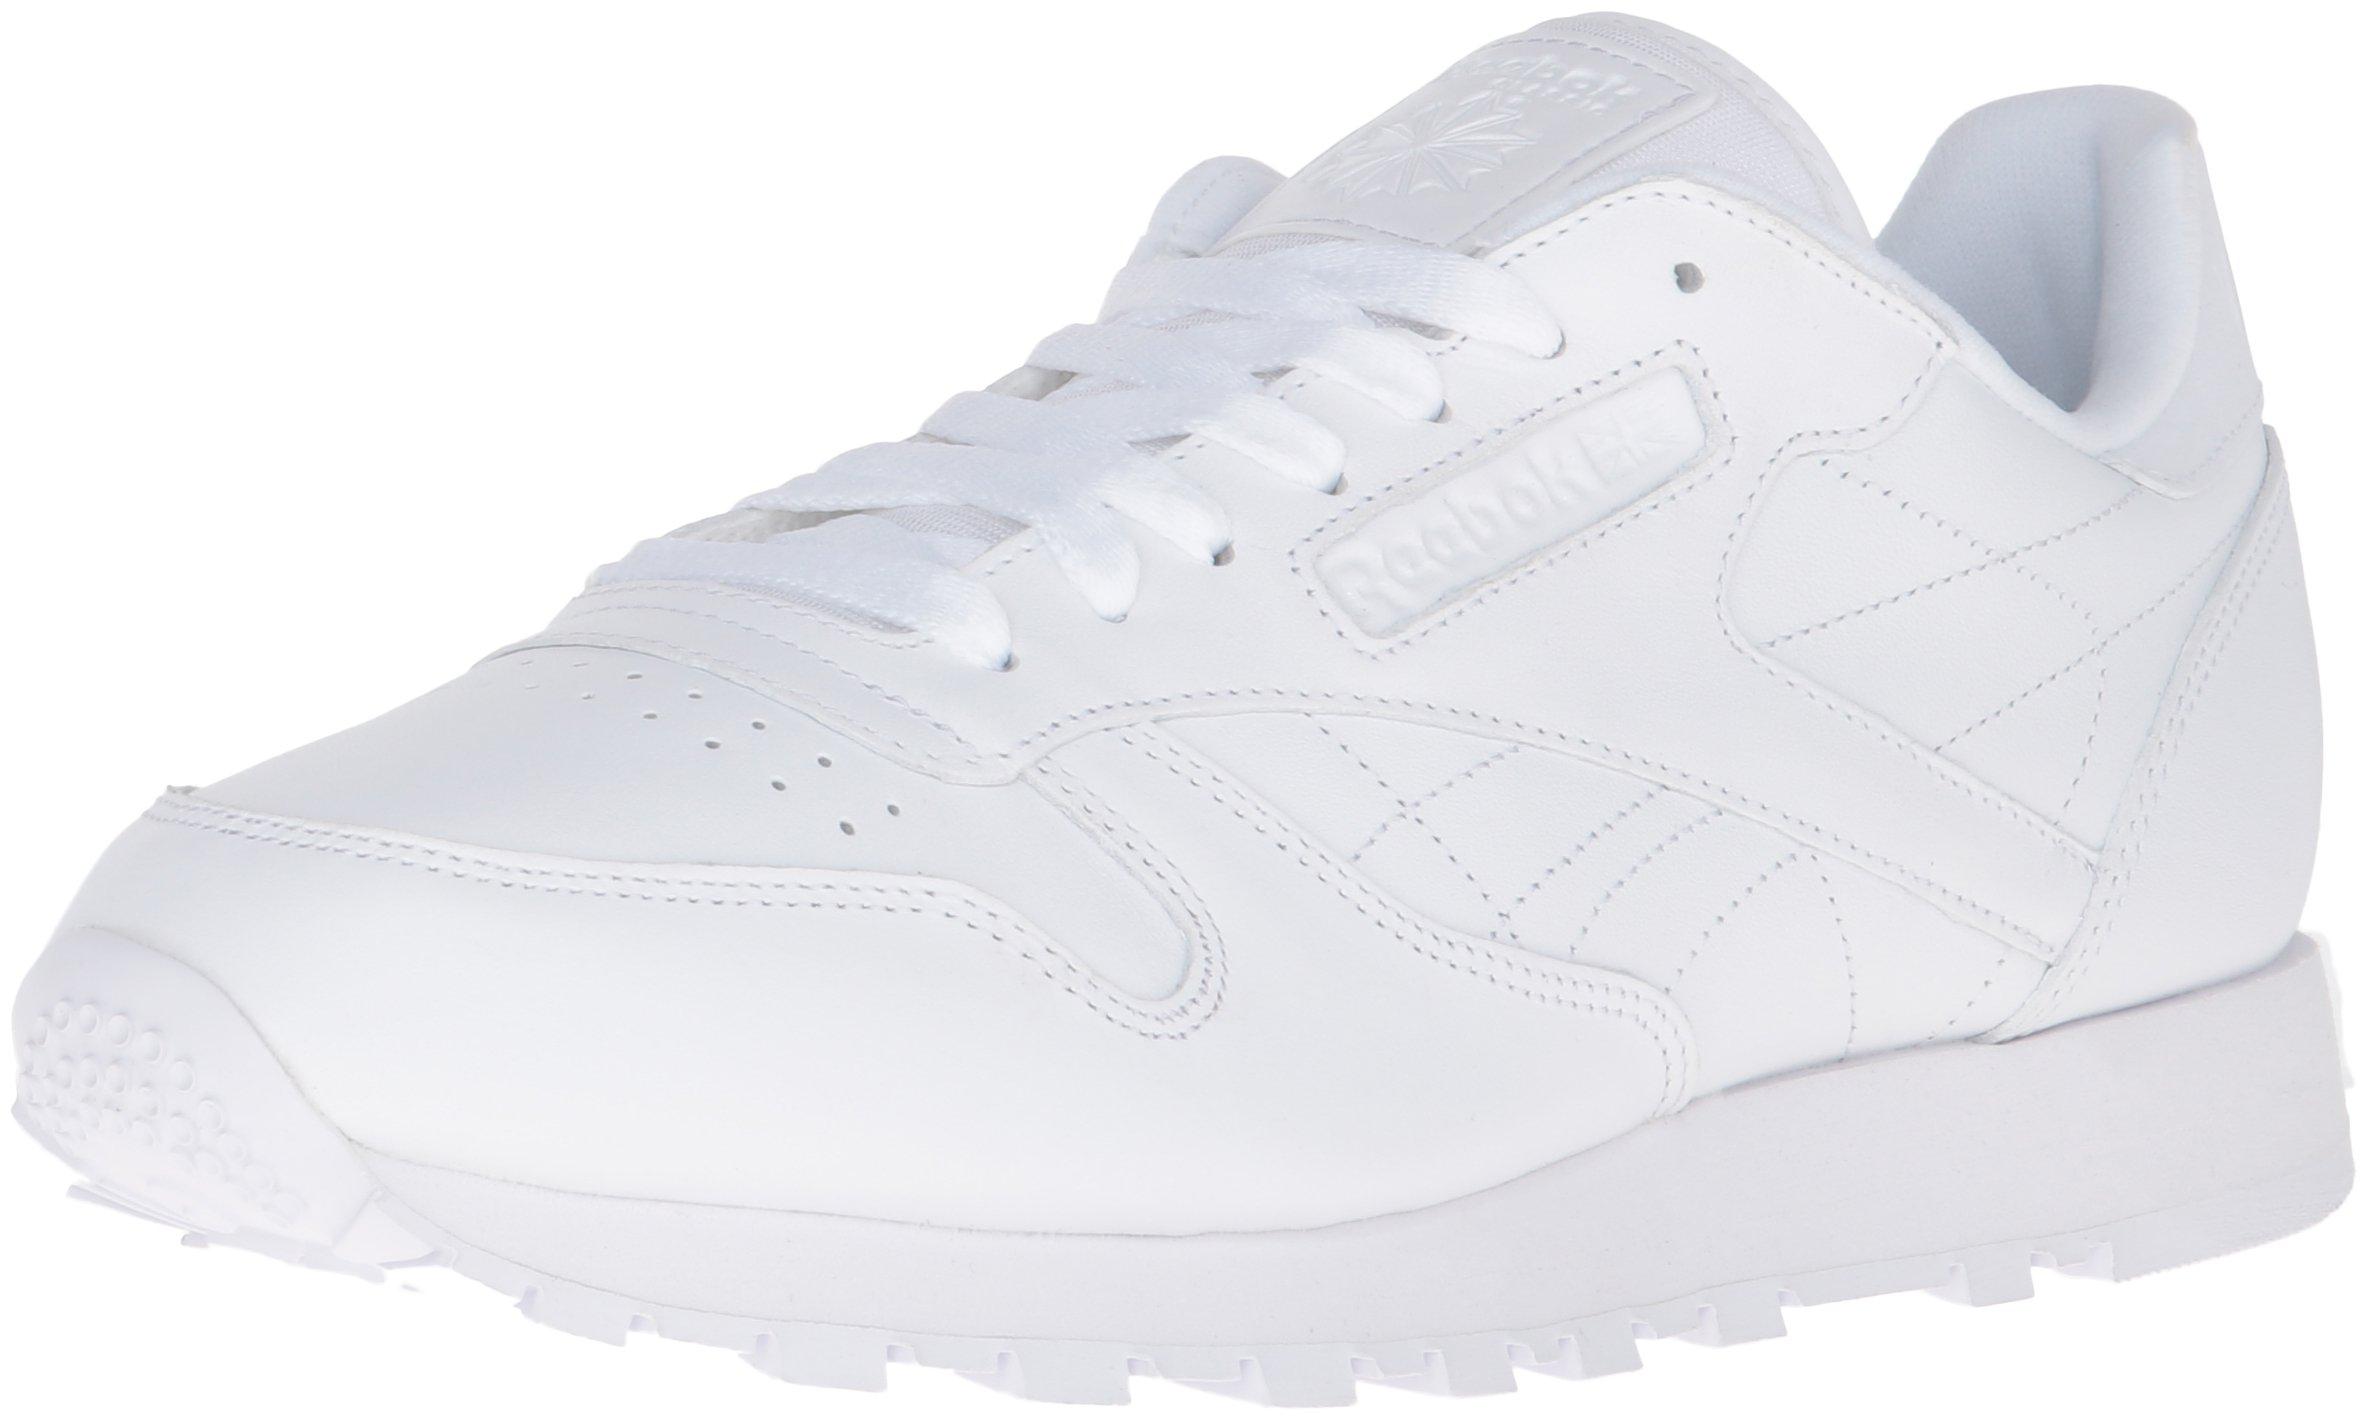 Reebok Men's Cl Lthr Fashion Sneaker, US-WHITE/White/White, 11 M US by Reebok (Image #1)